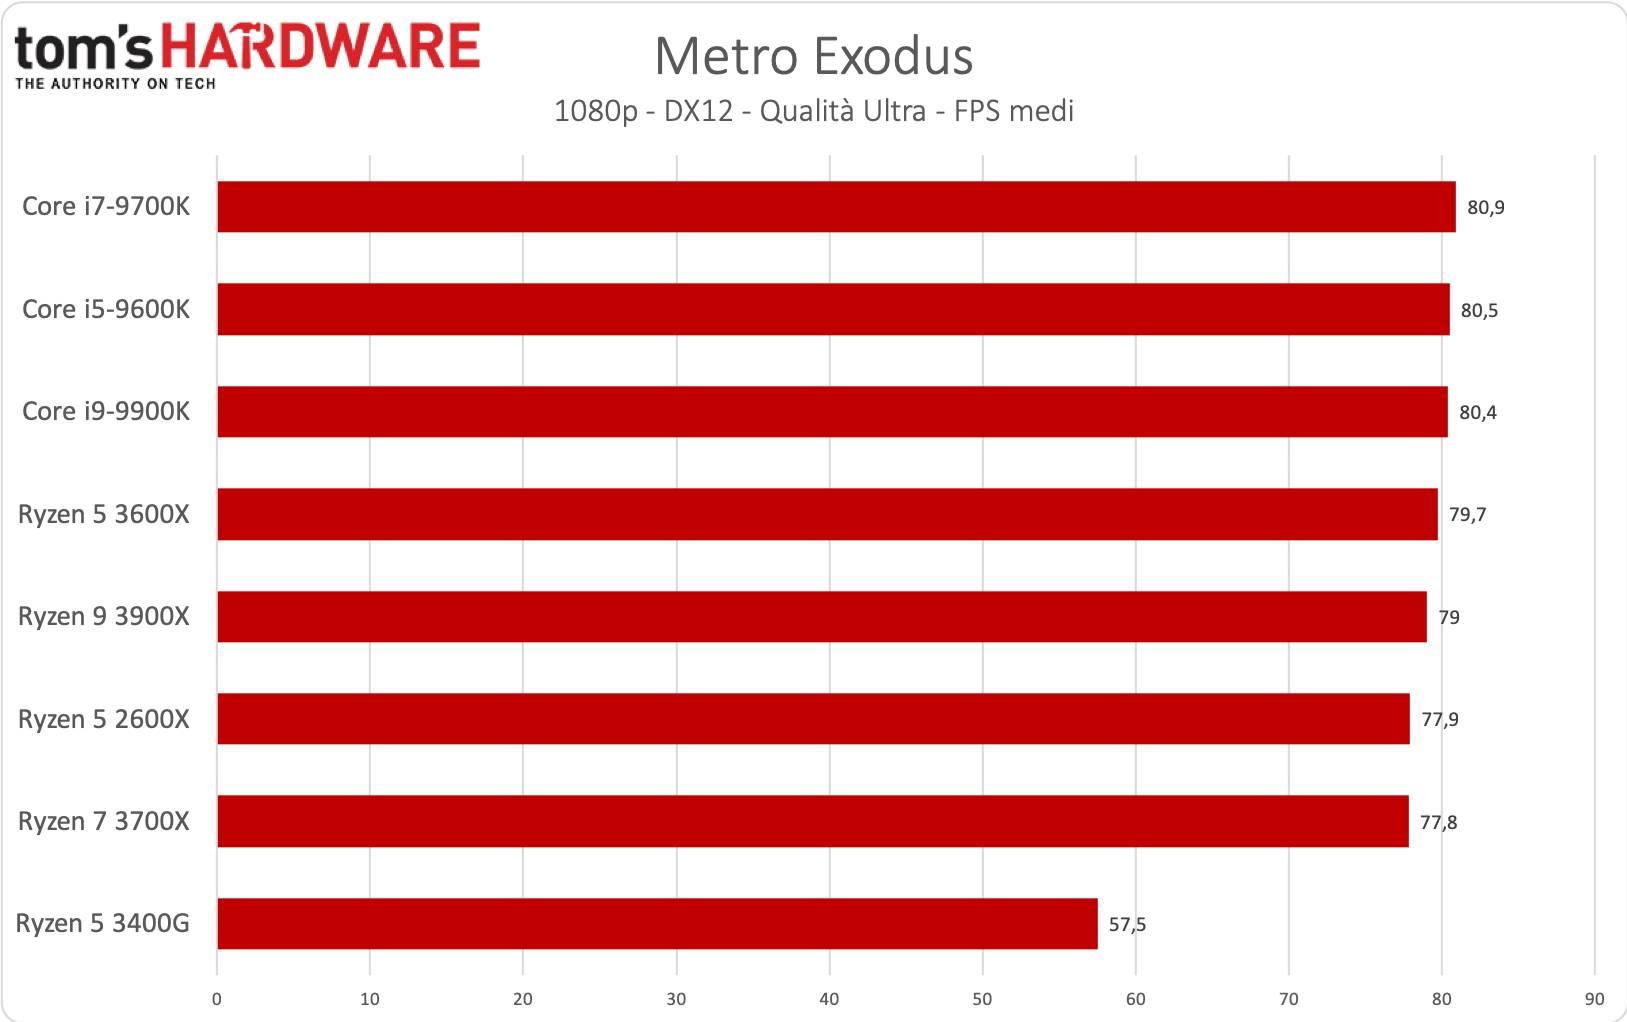 Ryzen 5 - Metro Exodus